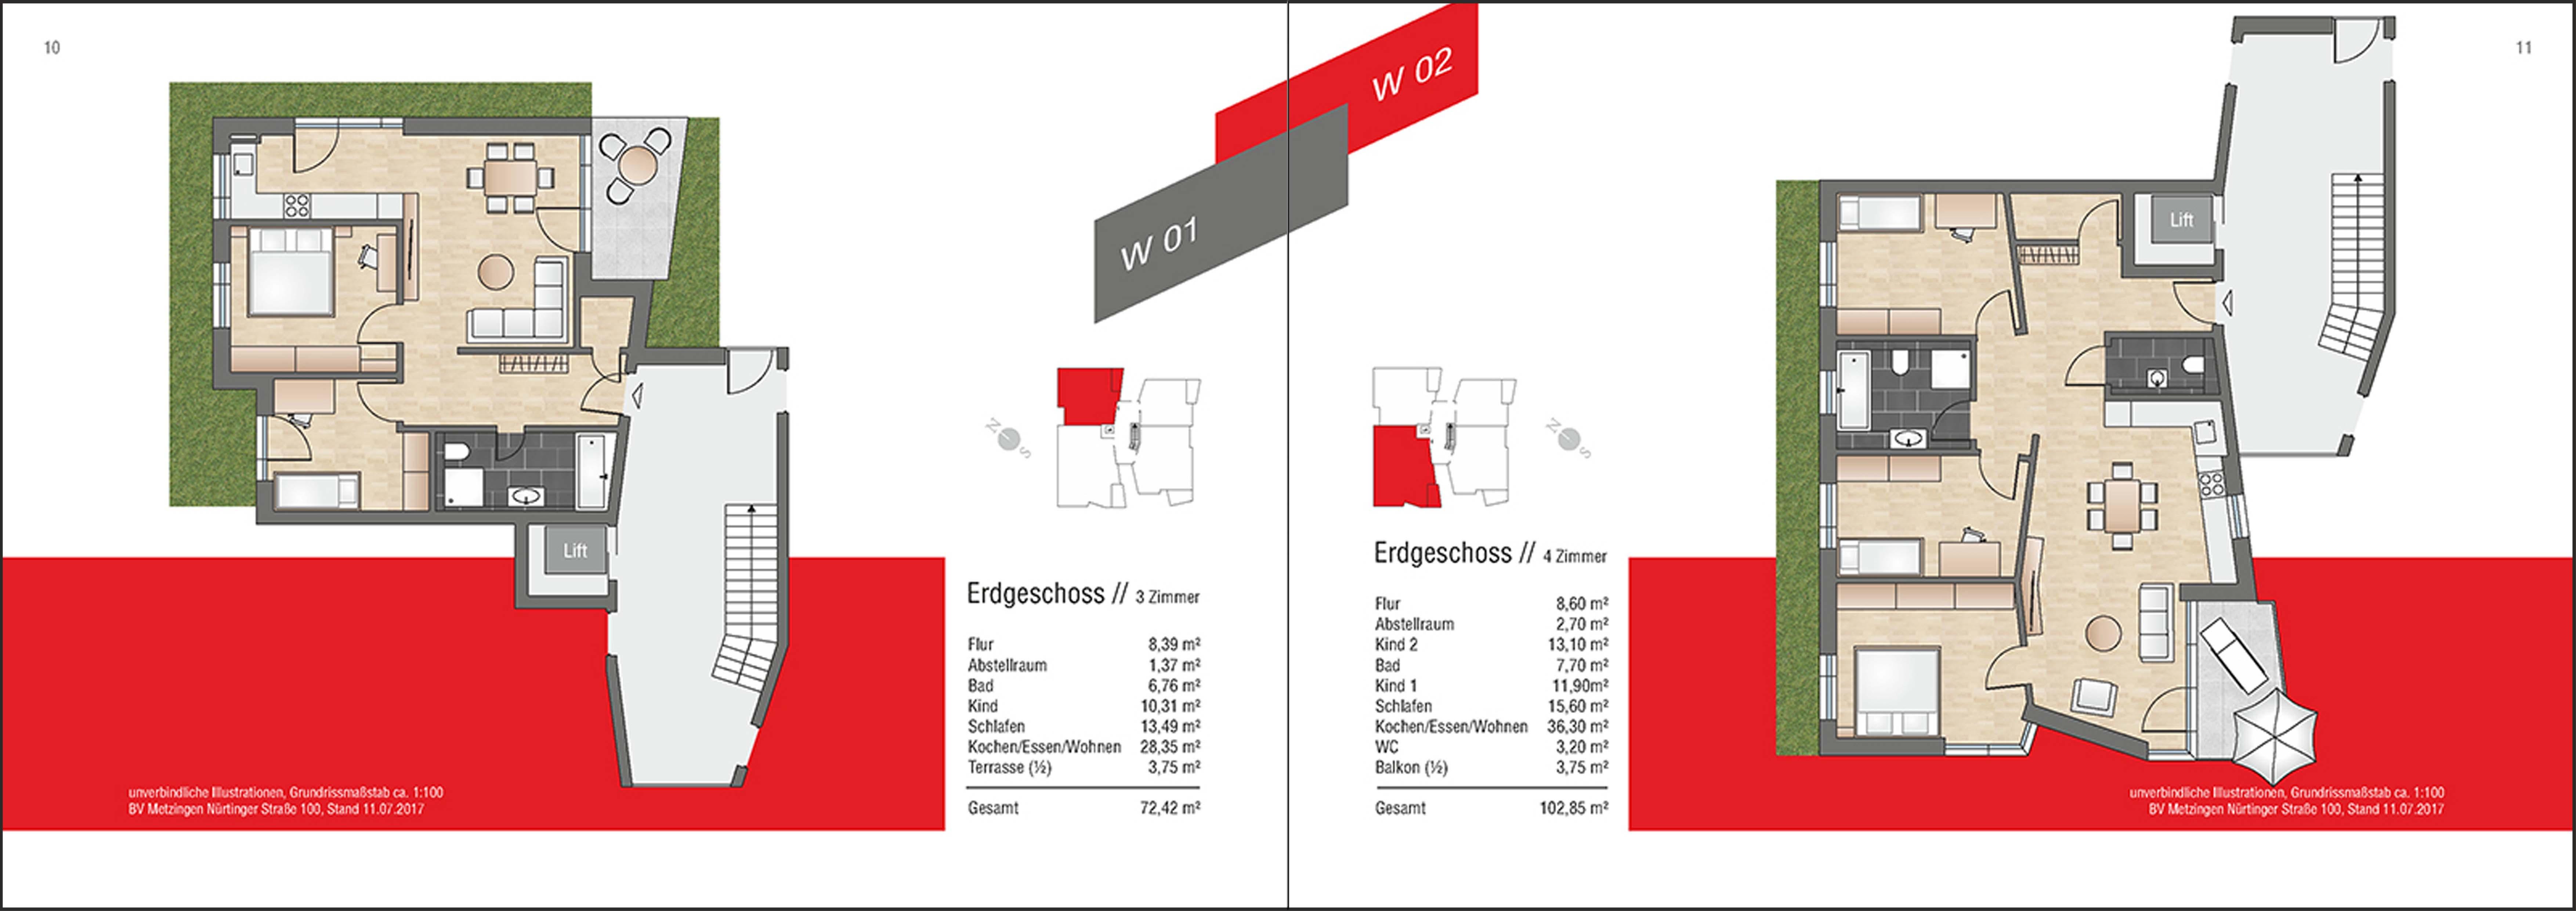 Englert-Wohnbau_BV-Metzingen-Nuertinger-Straße-Seite-10-11